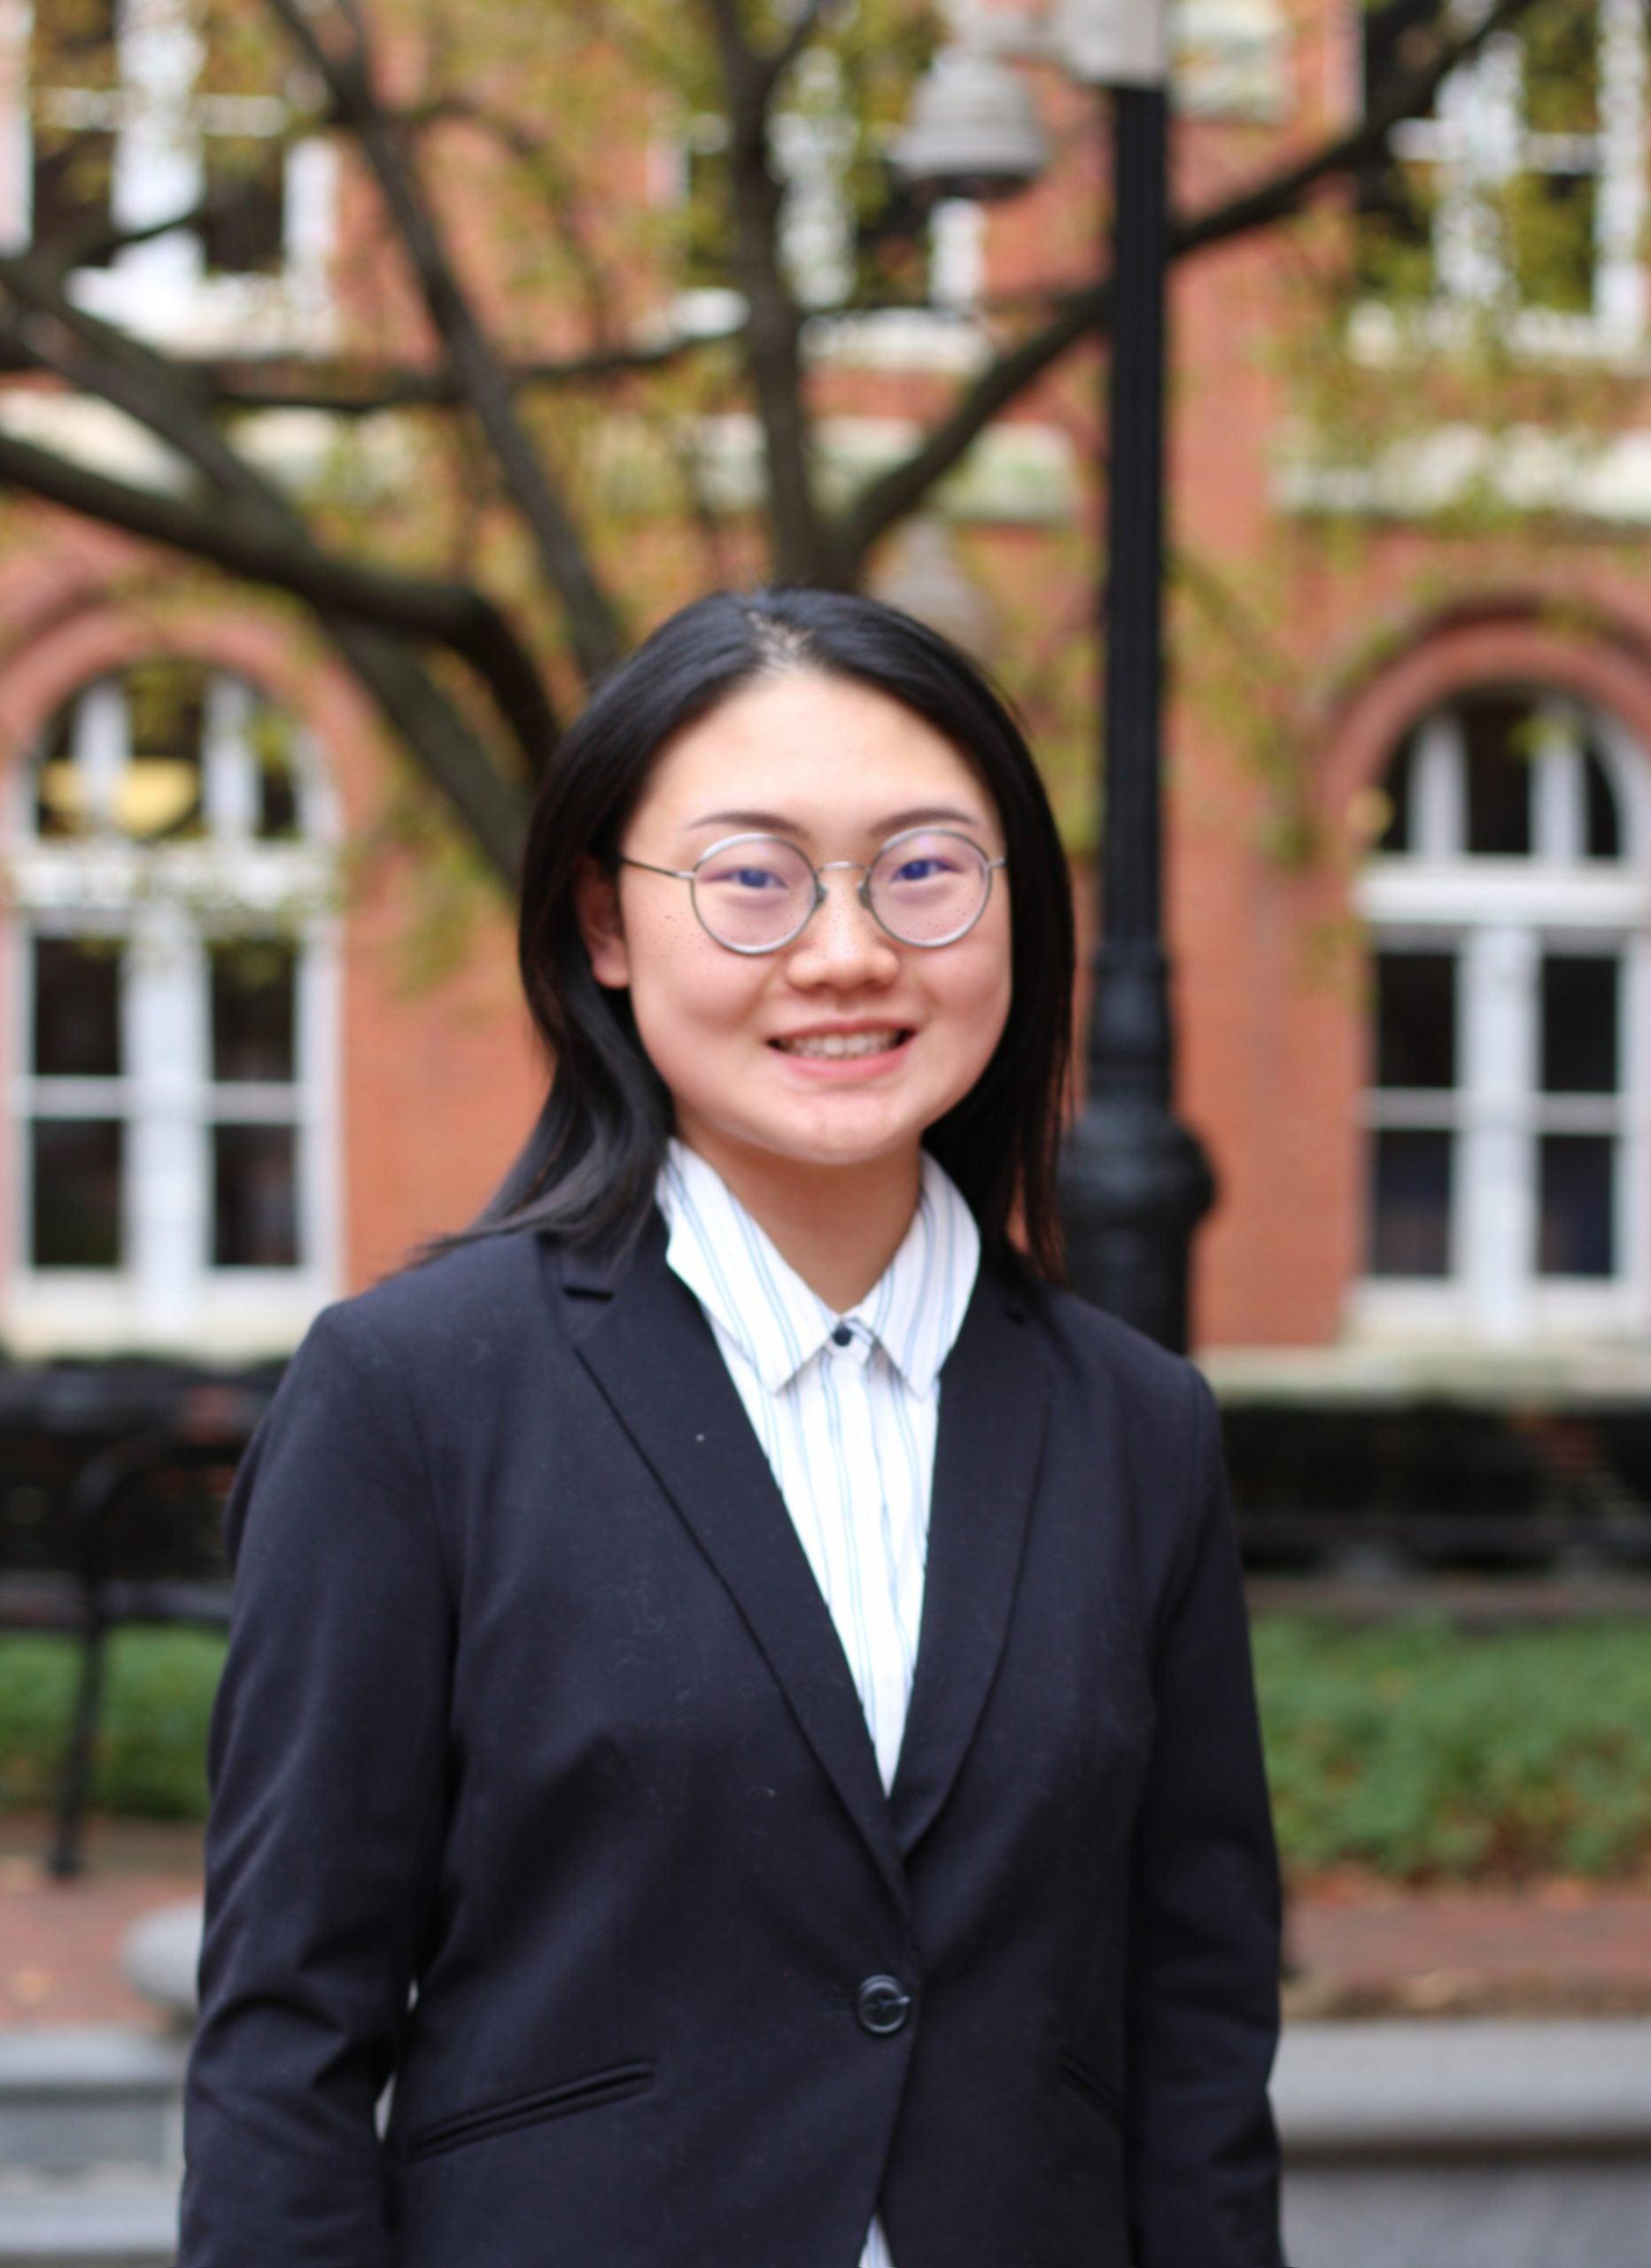 Yichu Huang Headshot